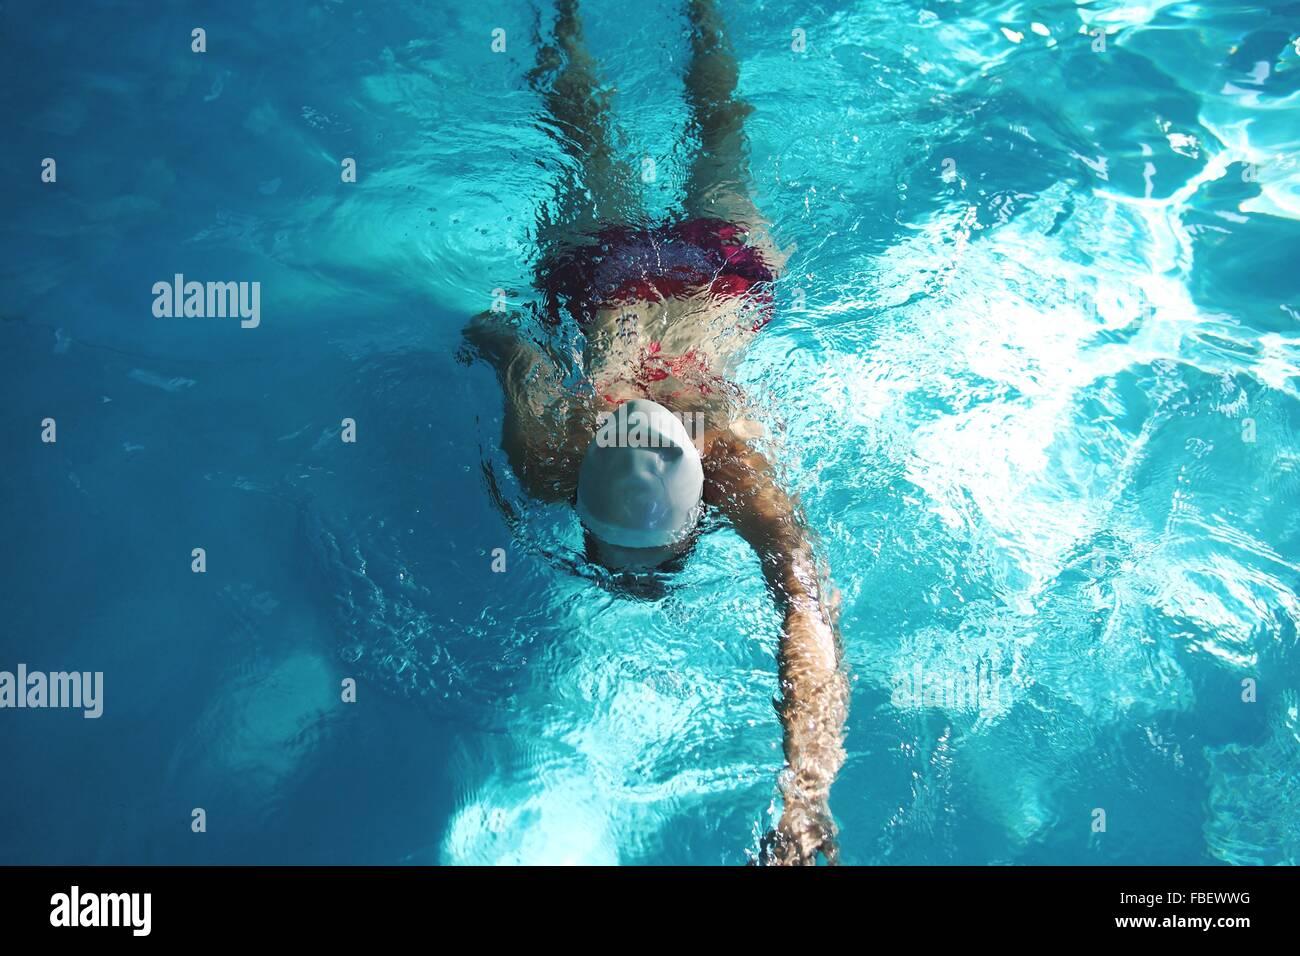 Un alto ángulo de visualización de la mujer en la piscina Imagen De Stock